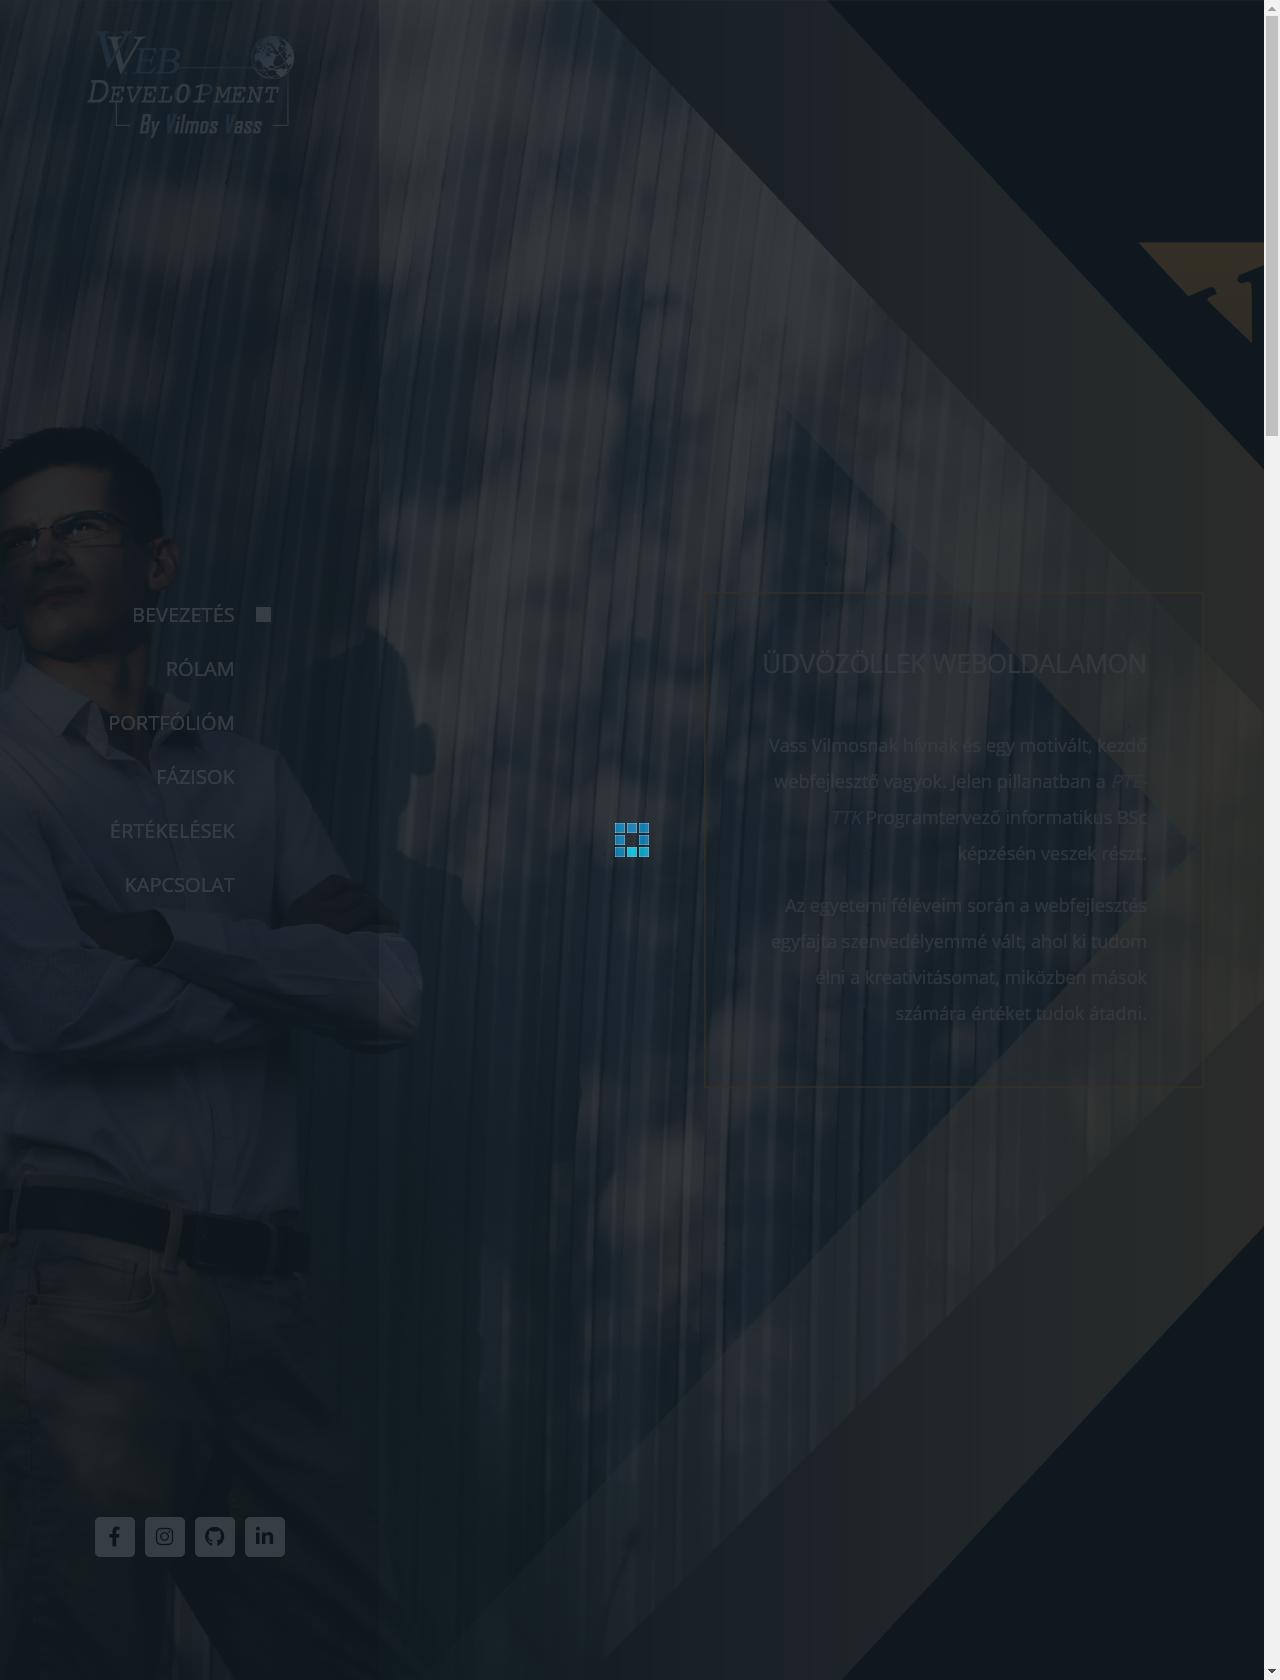 Screenshot Desktop - https://vvebfejlesztes.hu/